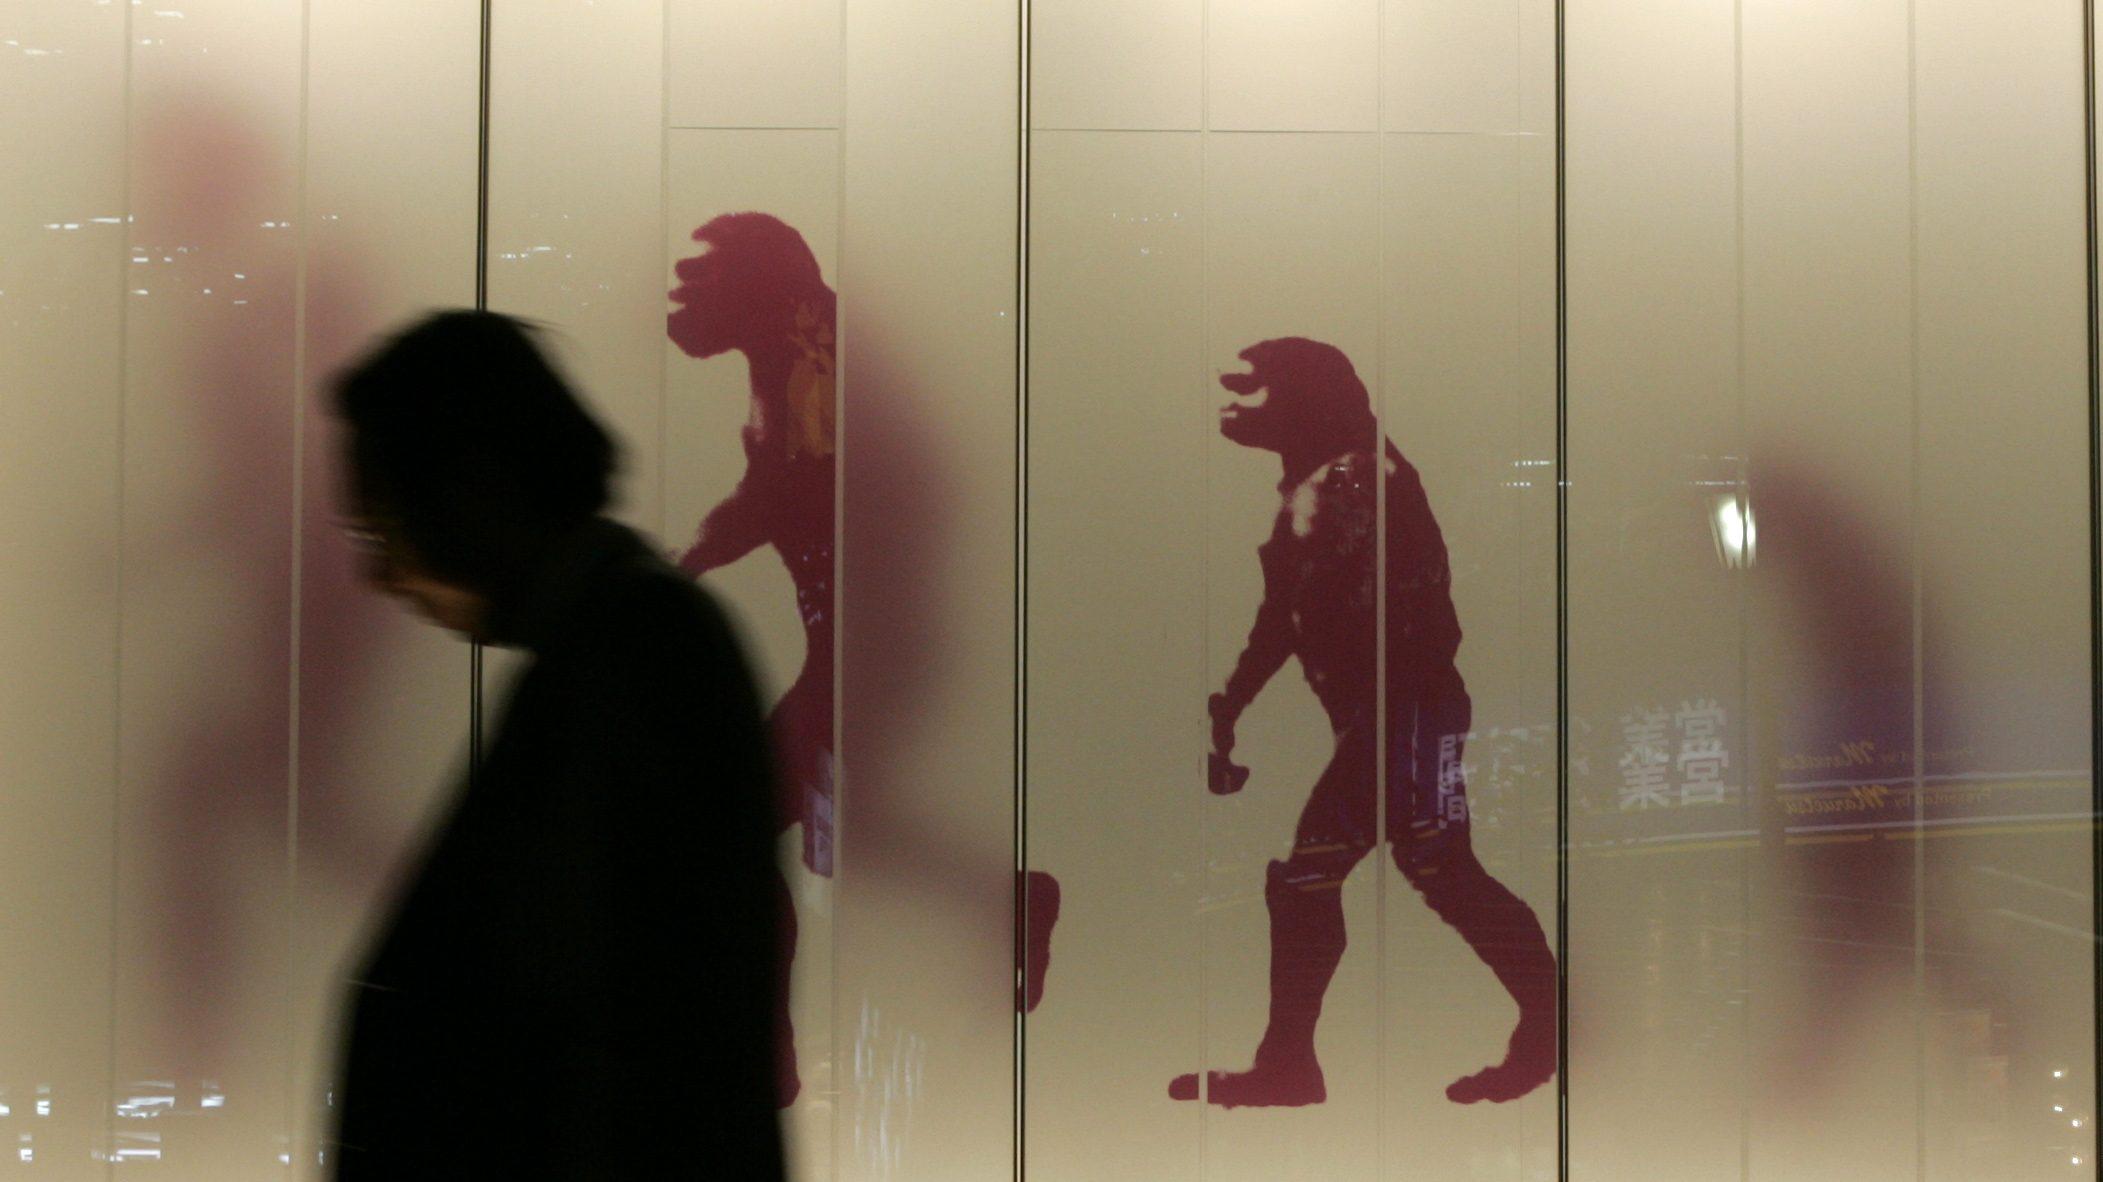 Man walking past evolution sign